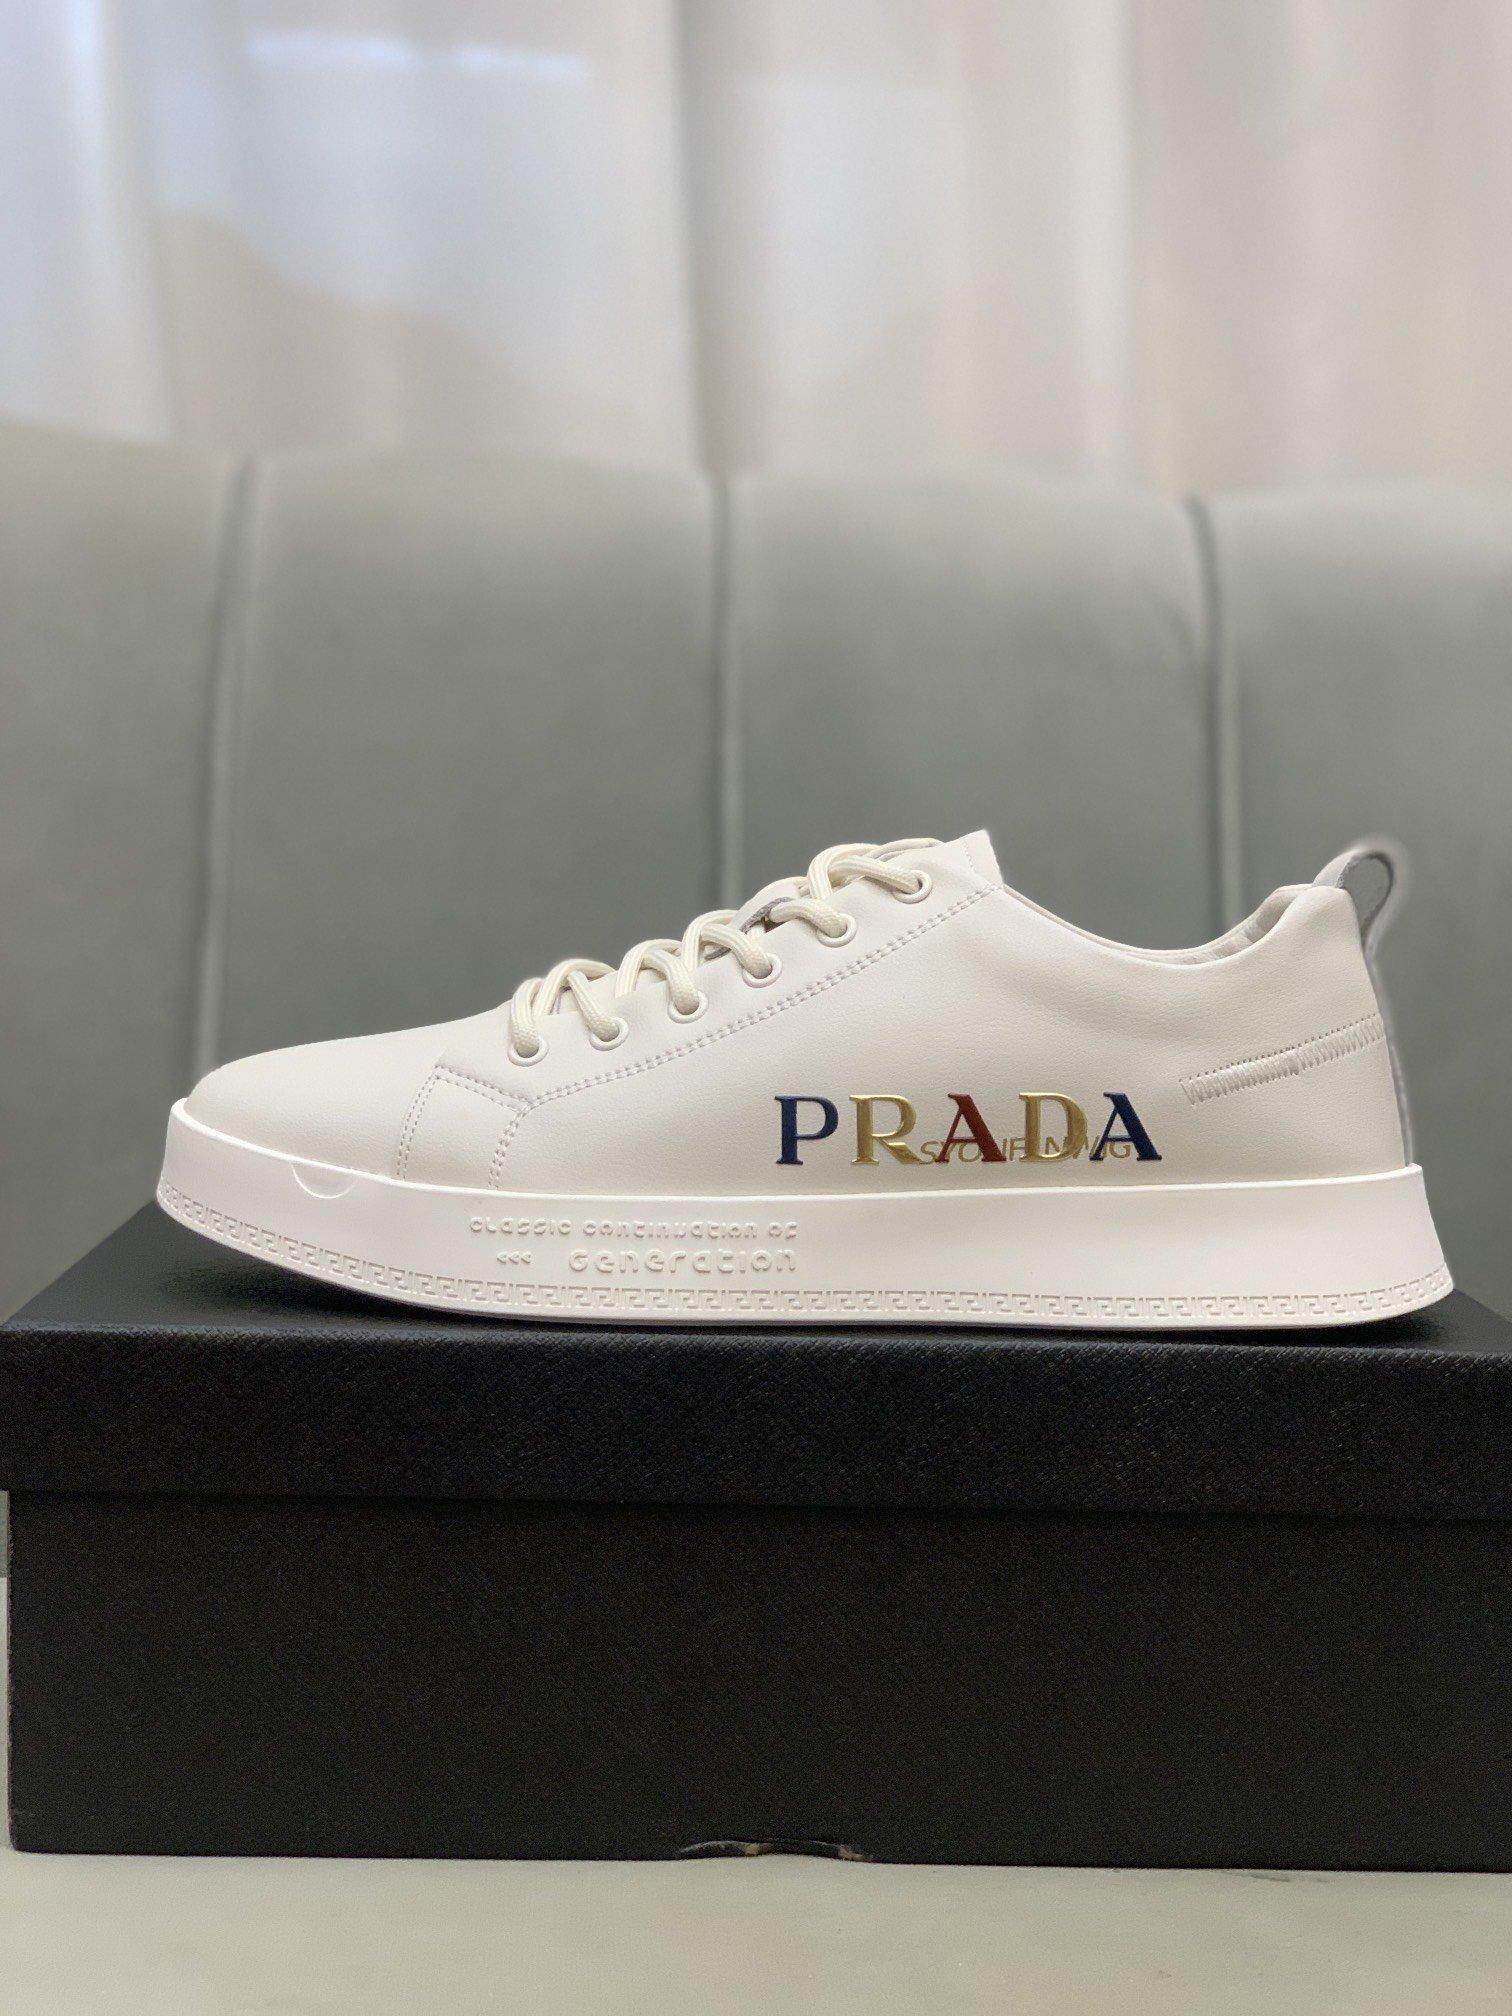 Prad*普拉*]低帮休闲鞋正码码数